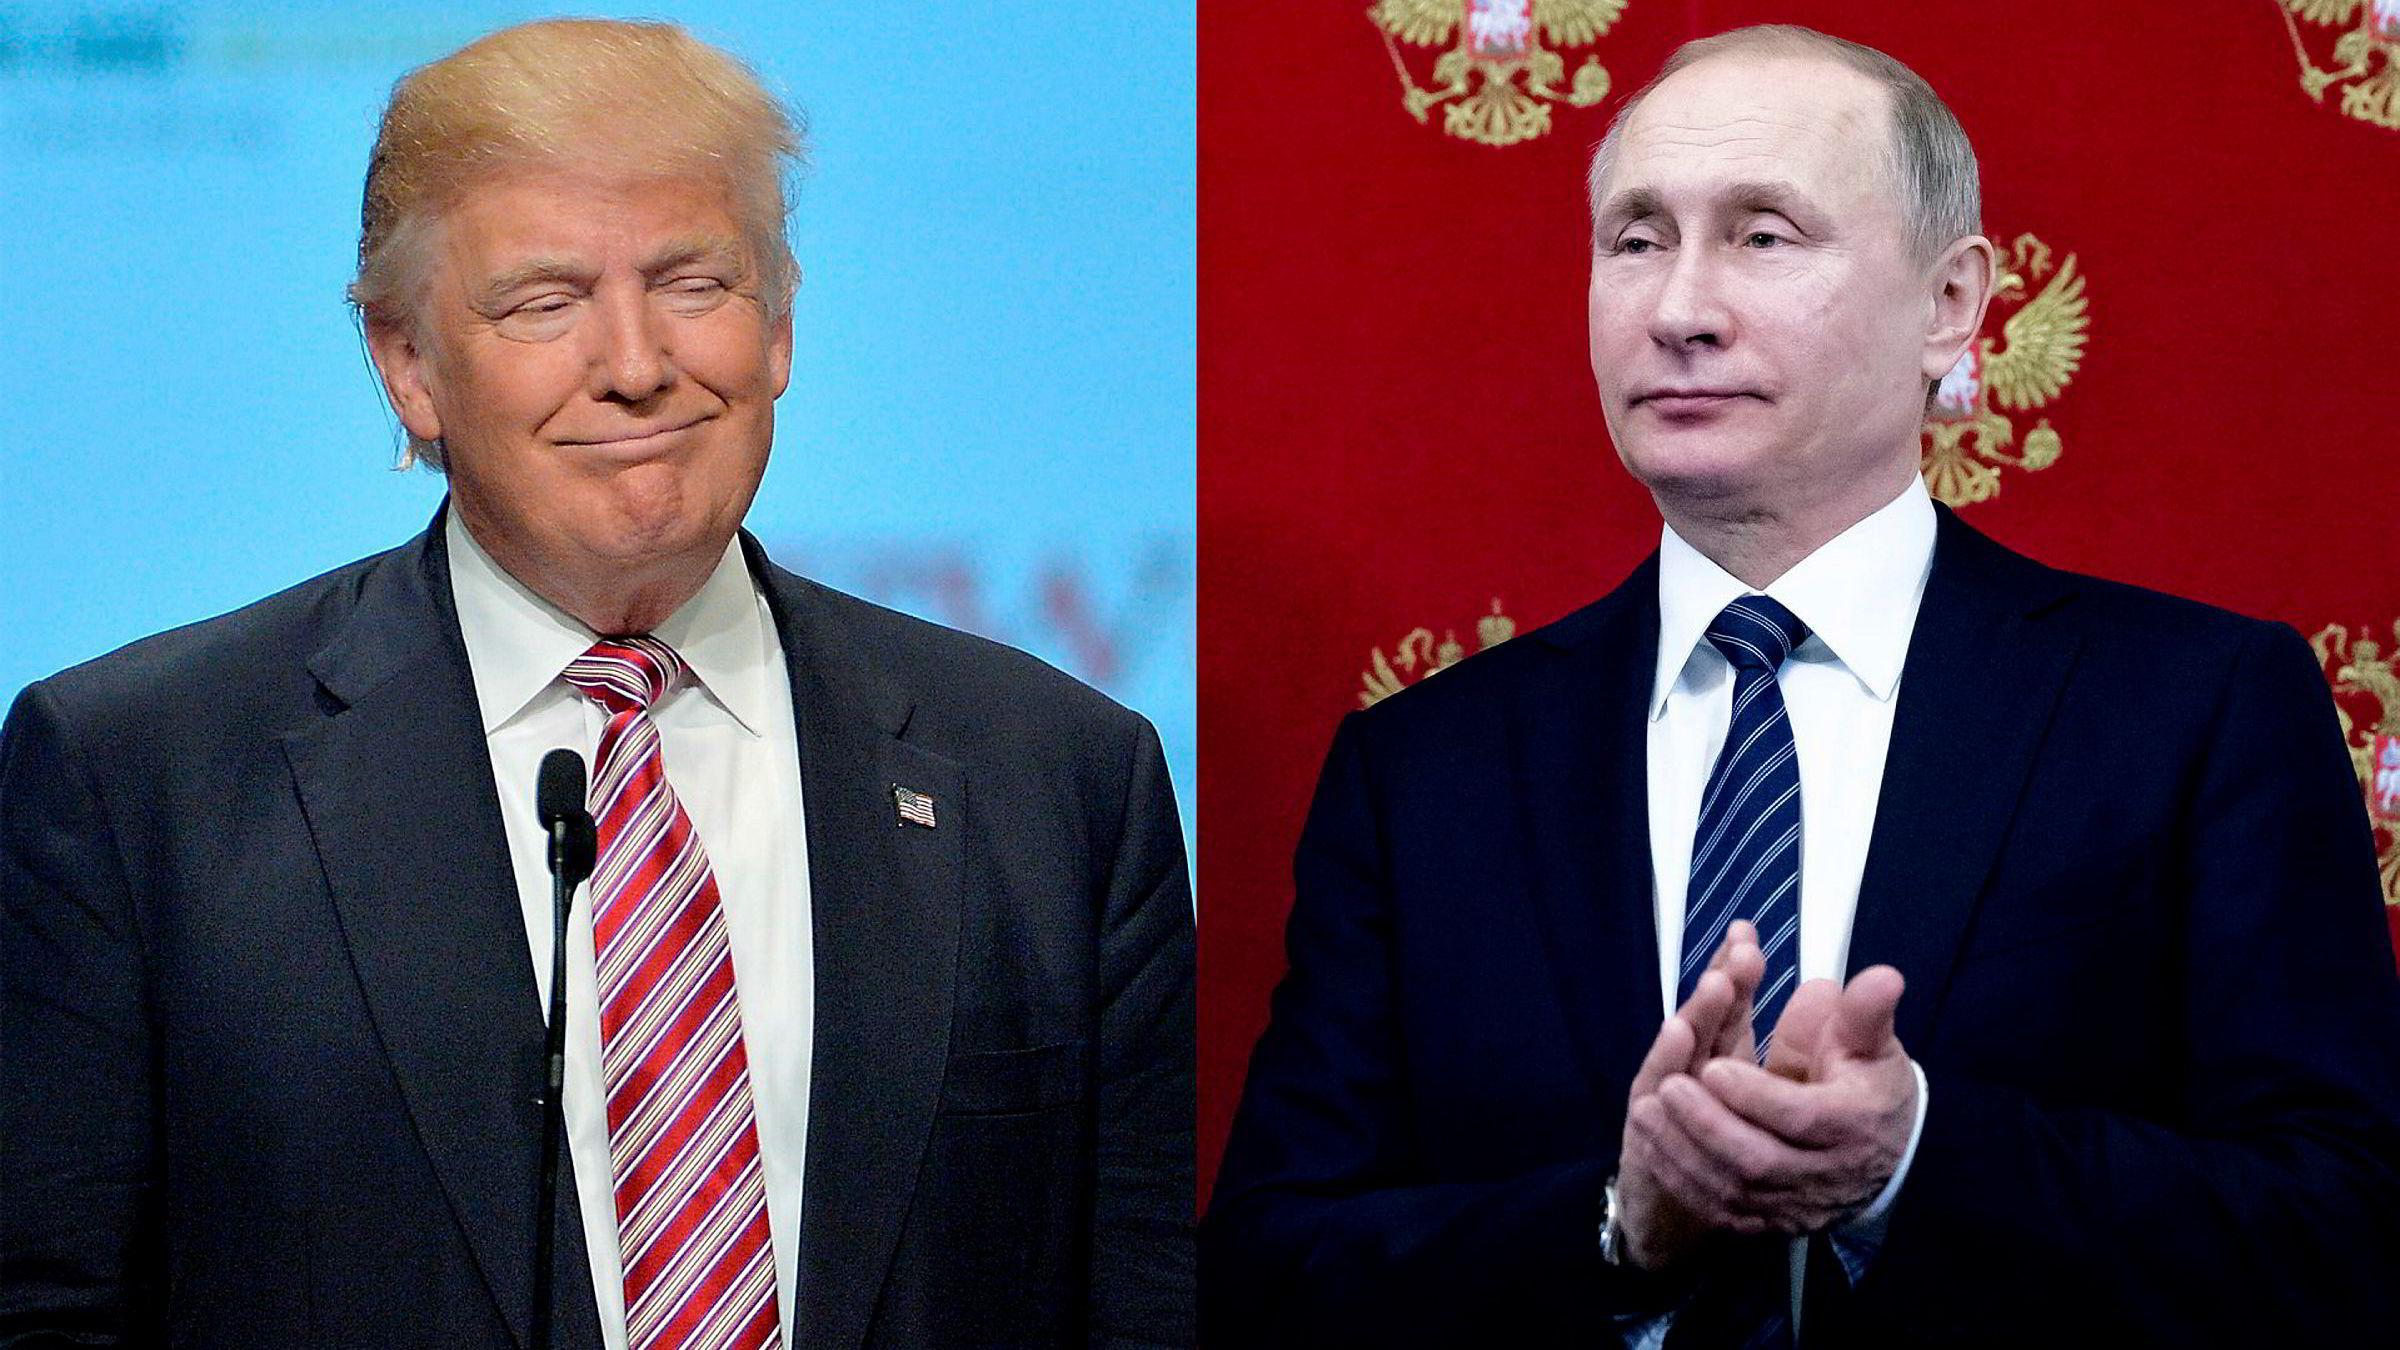 I valgkampen uttrykte Donald Trump ambisjoner om hestehandel og «grand bargains» med Vladimir Putins Russland om sanksjoner, våpenkontroll, Iran, Syria og Kina.